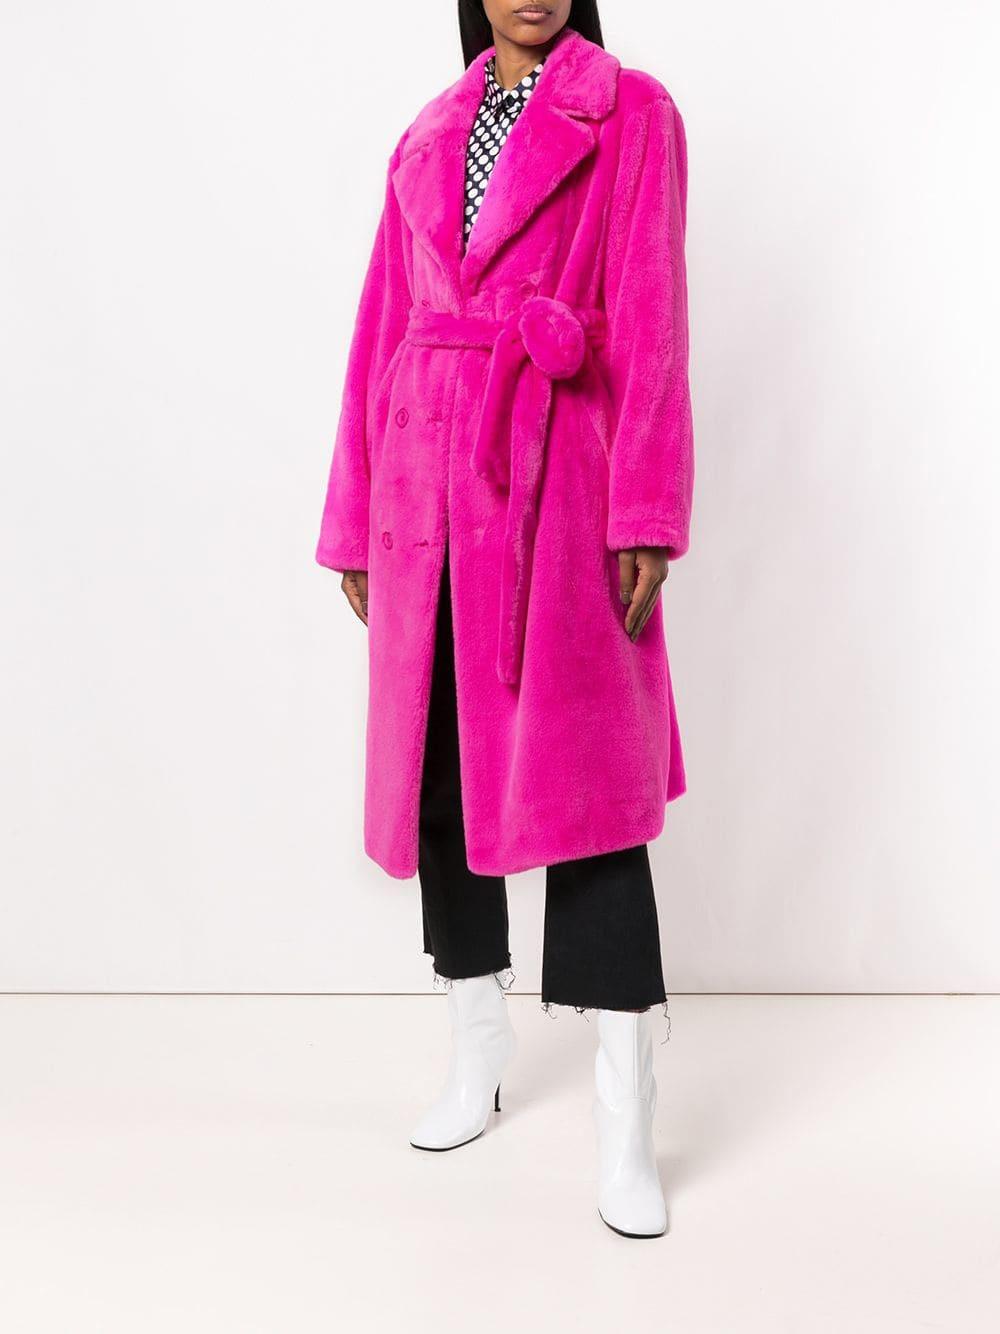 Длинное женское пальто, сексуальное, для ночного клуба, знаменитостей, модные вечерние пальто из искусственного меха, зимняя теплая женская верхняя одежда